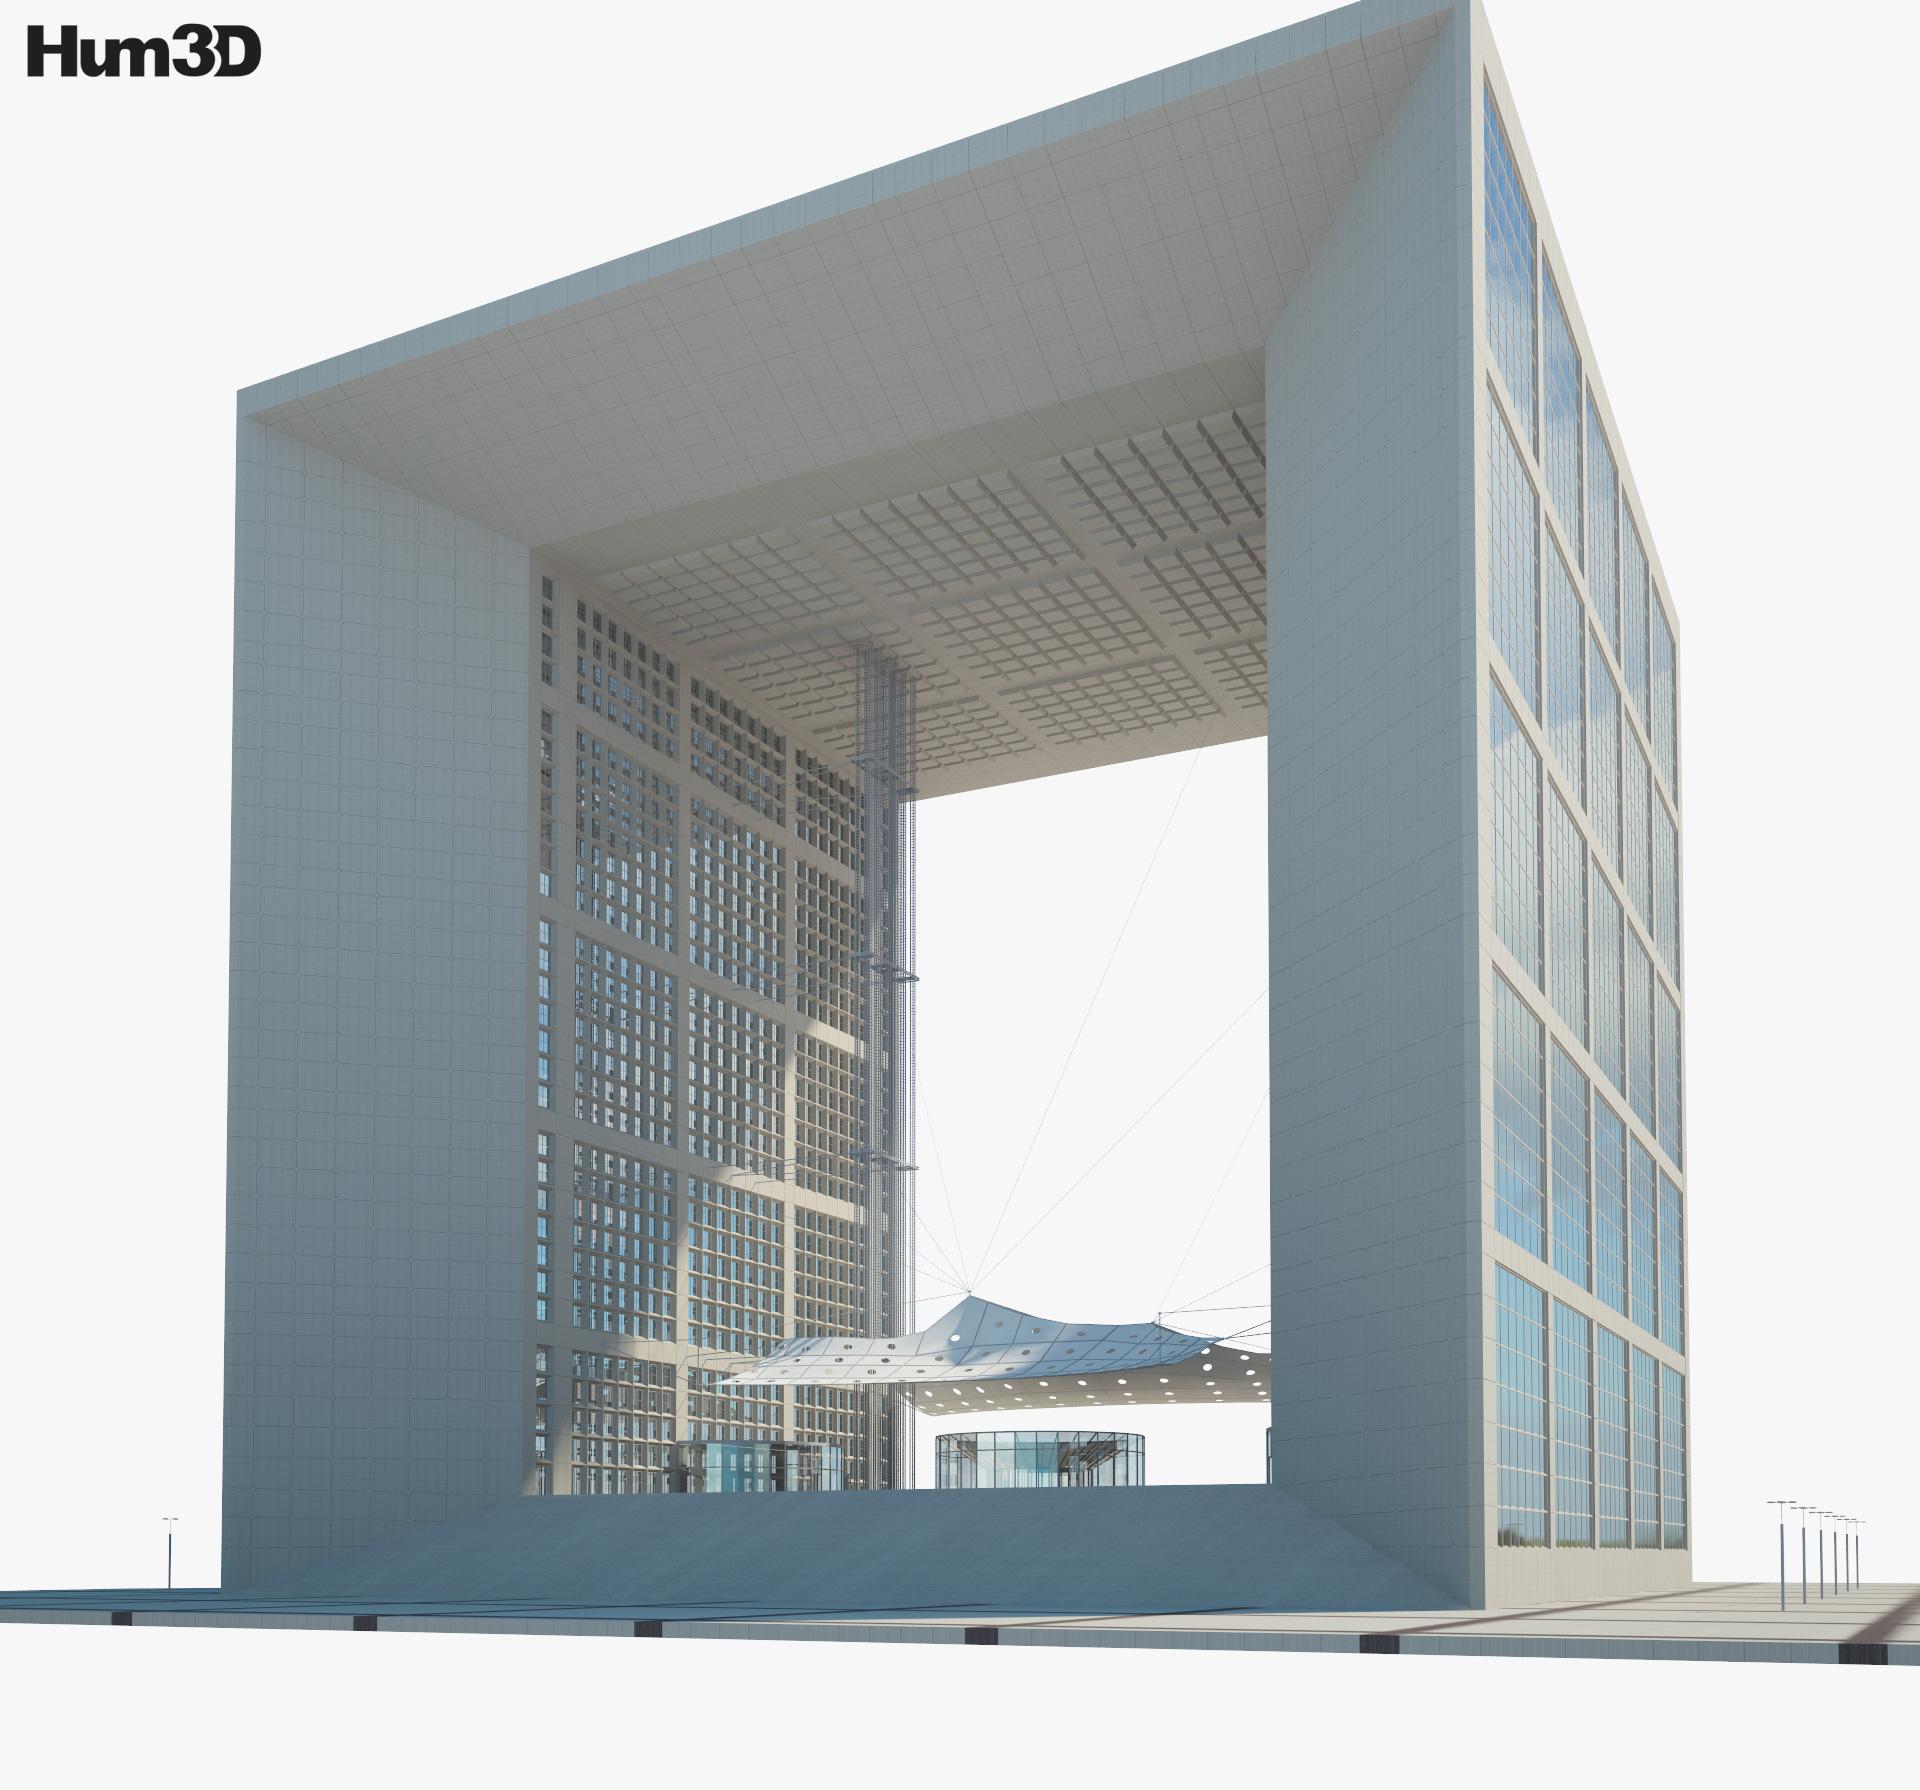 3D model of Grande Arche